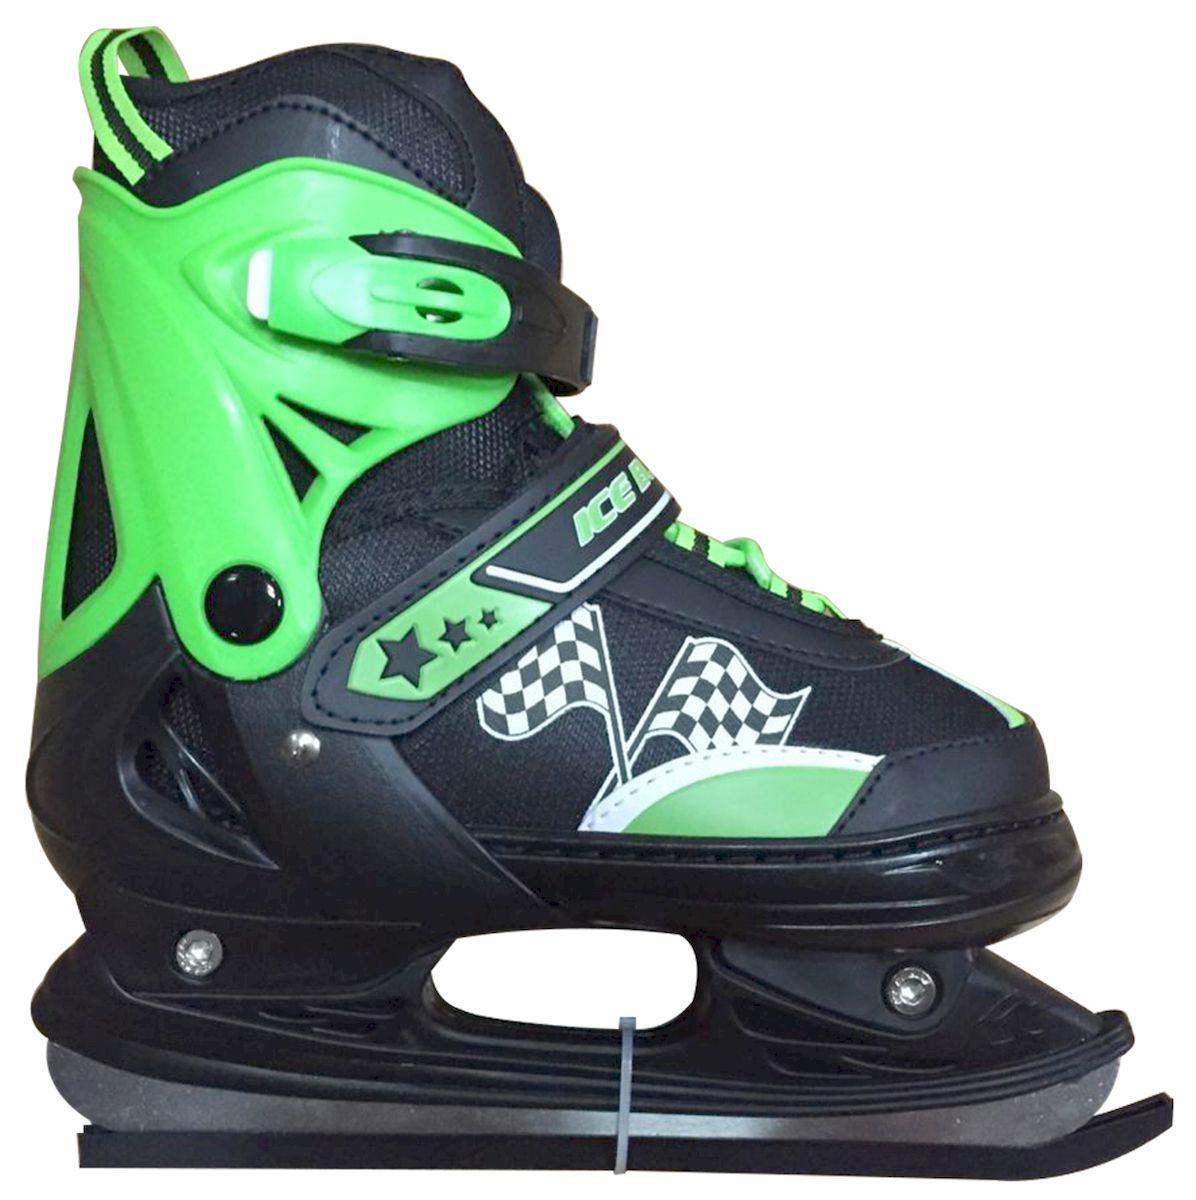 Коньки раздвижные Ice Blade Winner, цвет: черный, зеленый. УТ-00006879. Размер S (31/34)